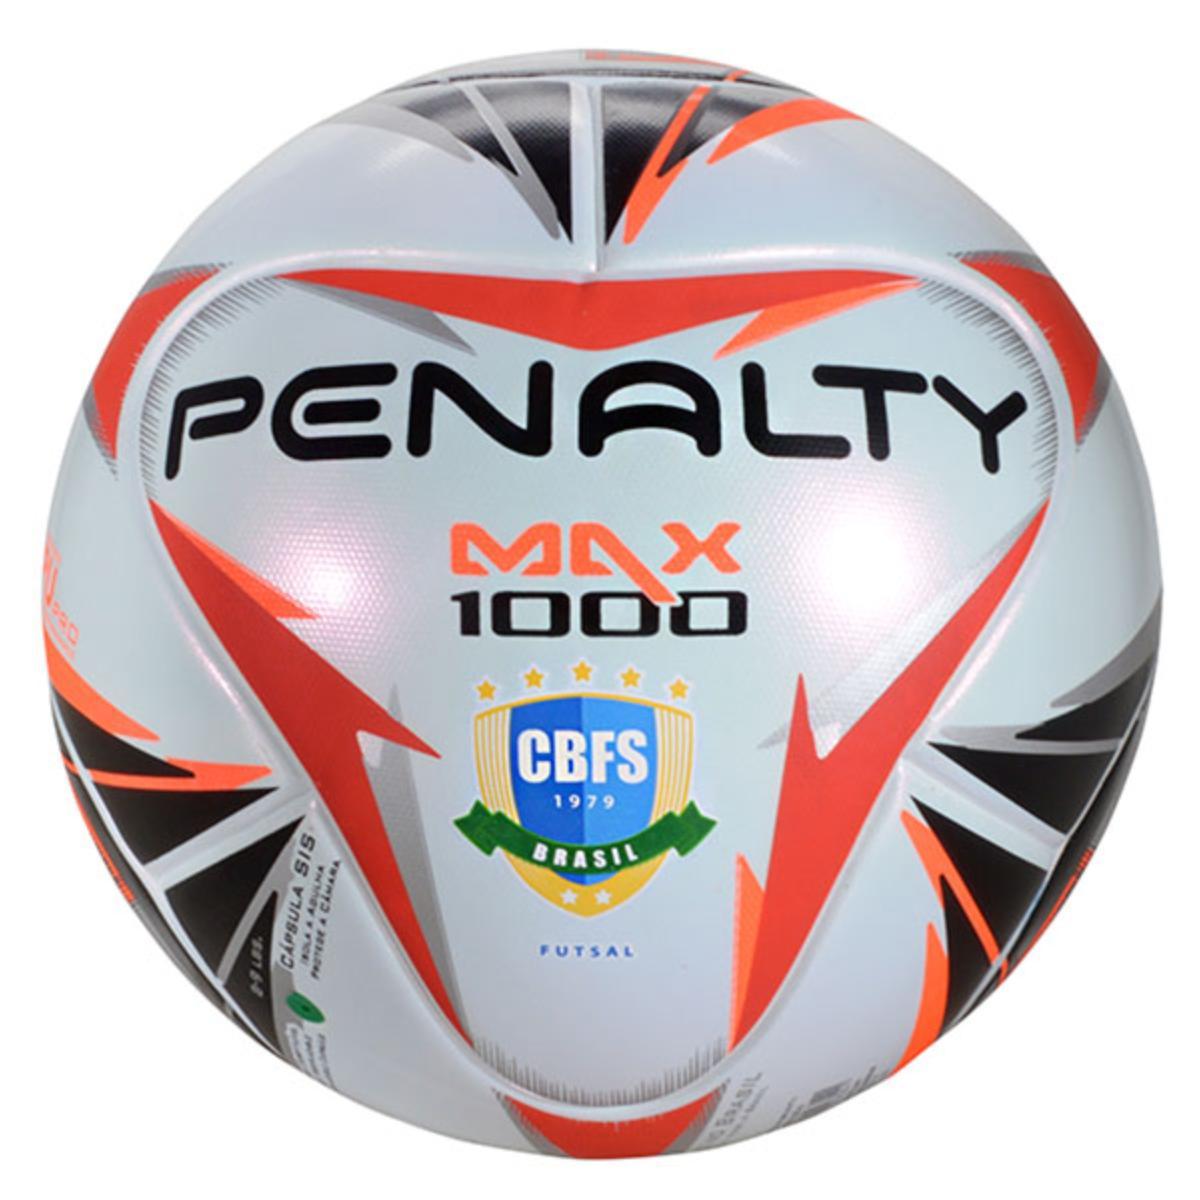 Bola Unisex Penalty 5415911170 Max 1000 Branco/preto/vermelho